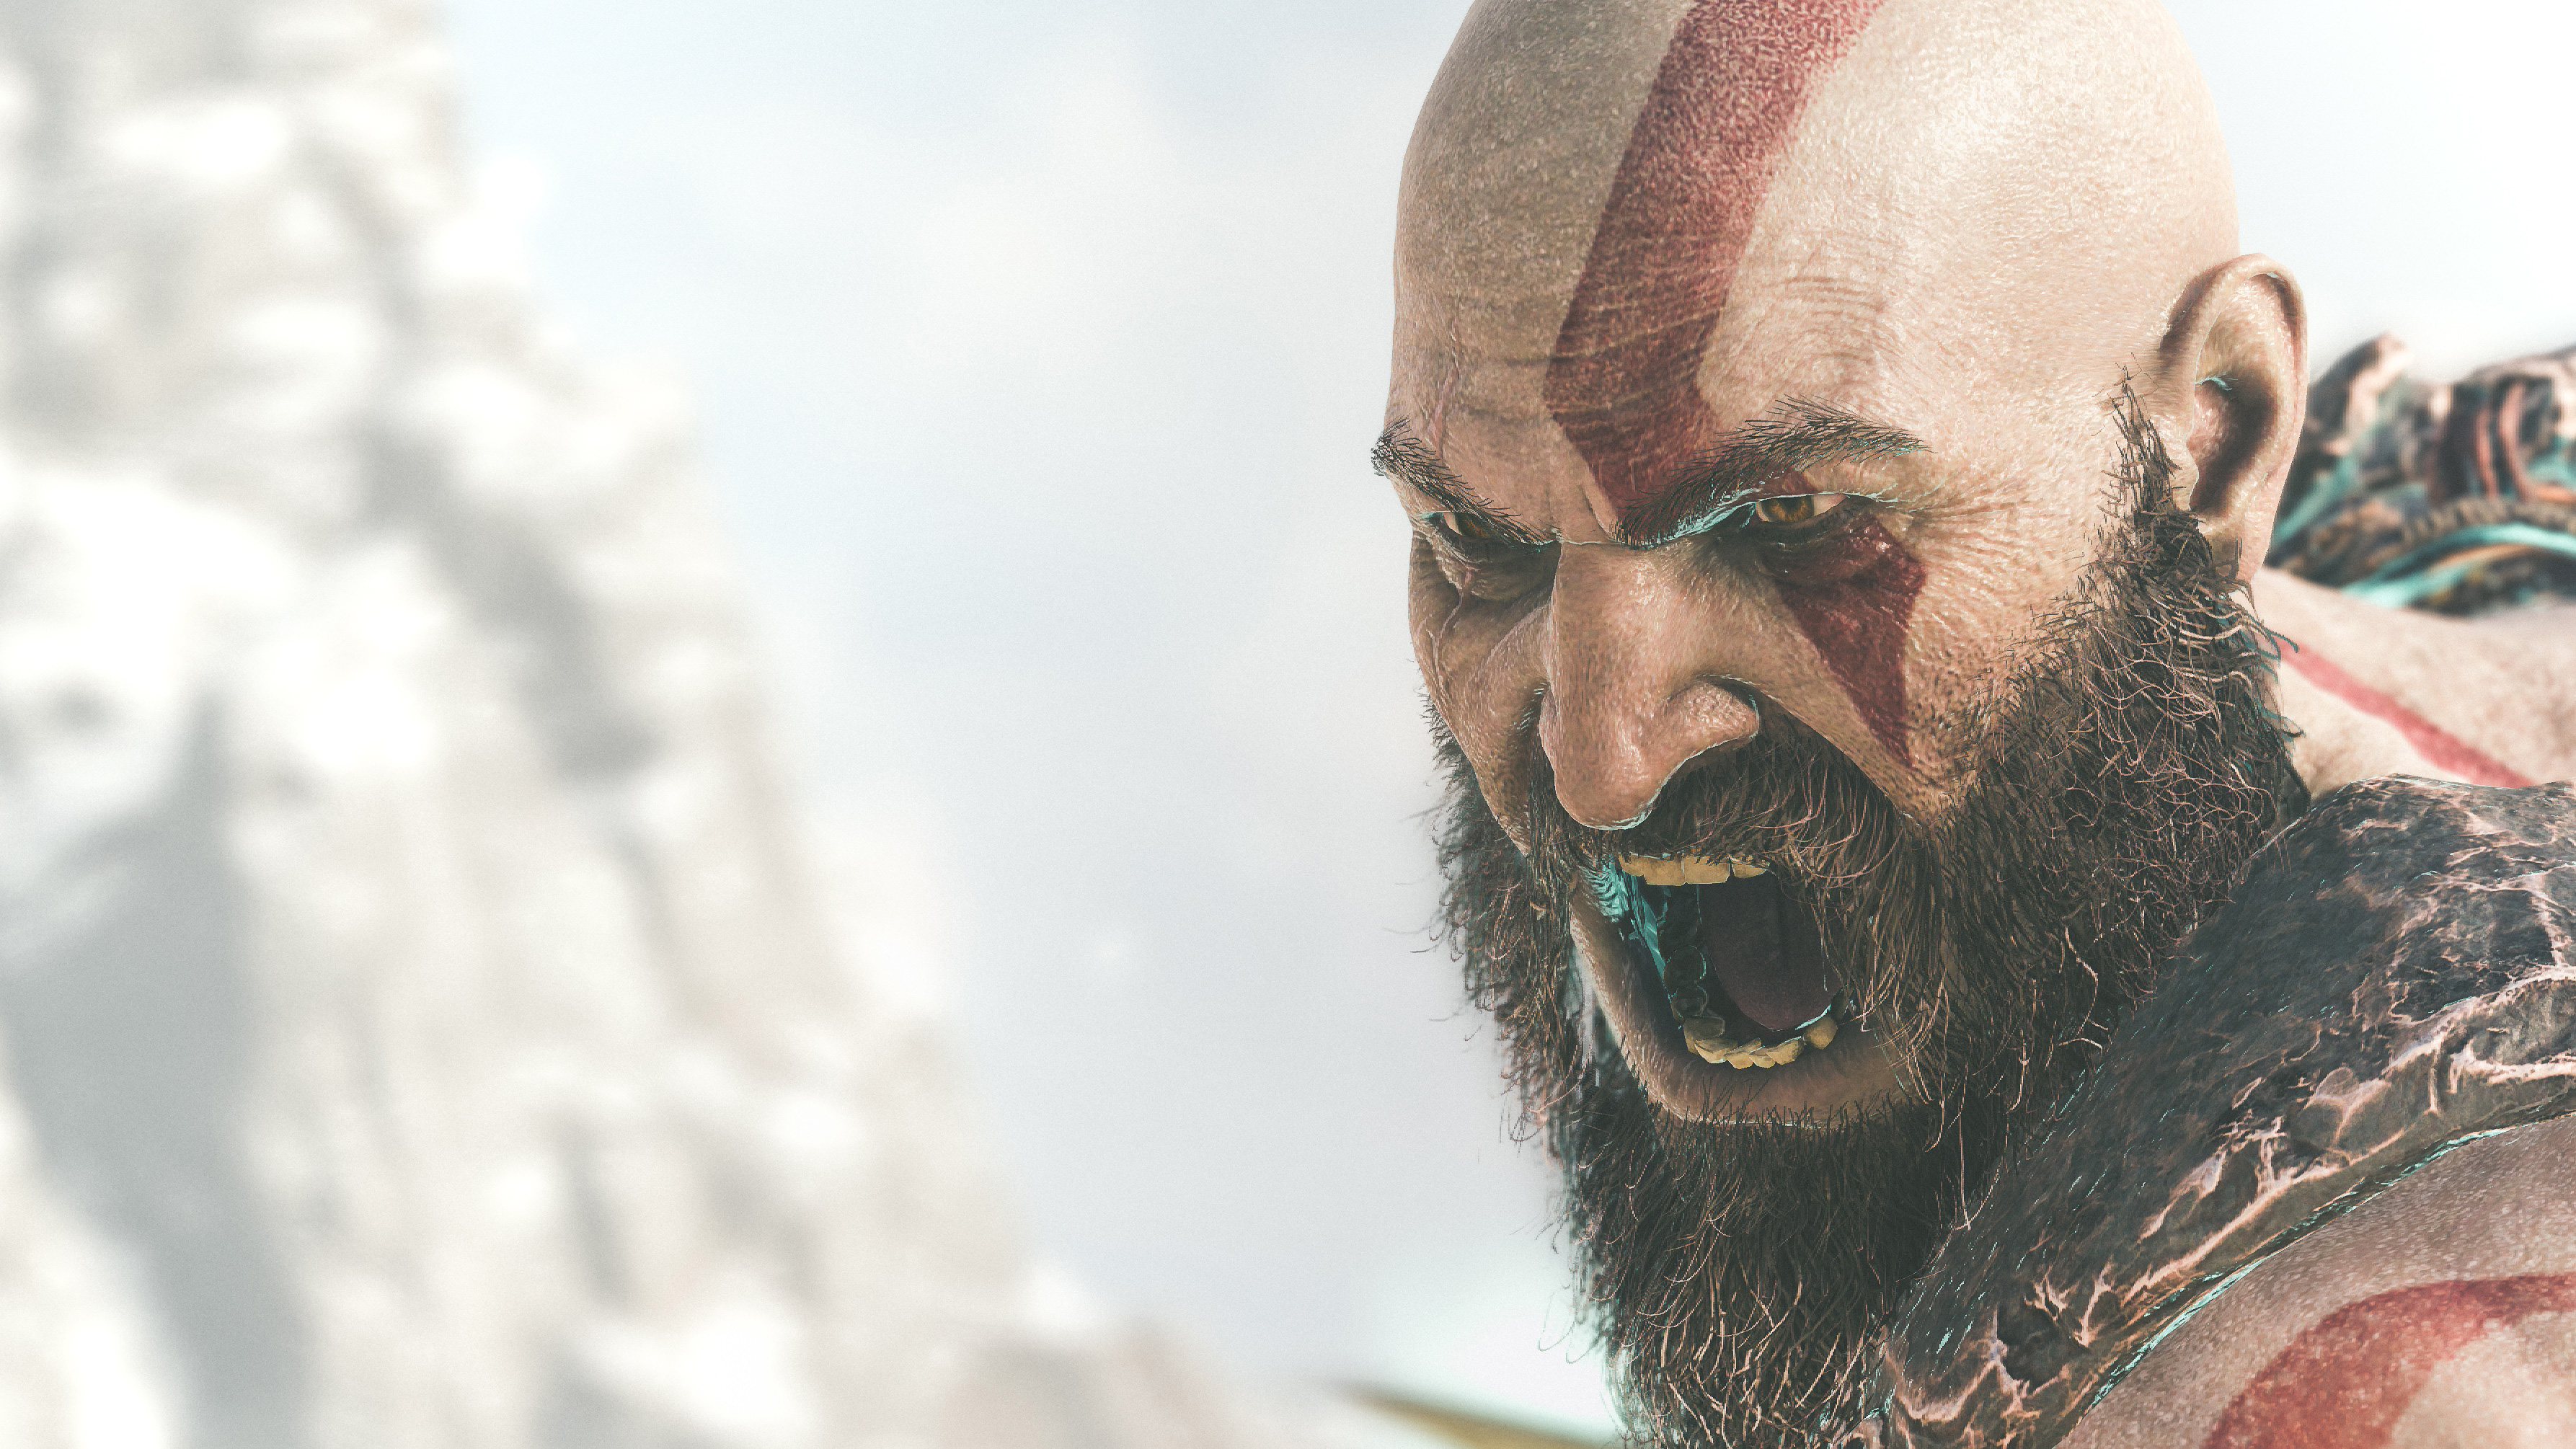 2018 Kratos God Of War 4k, HD Games, 4k Wallpapers, Images ...